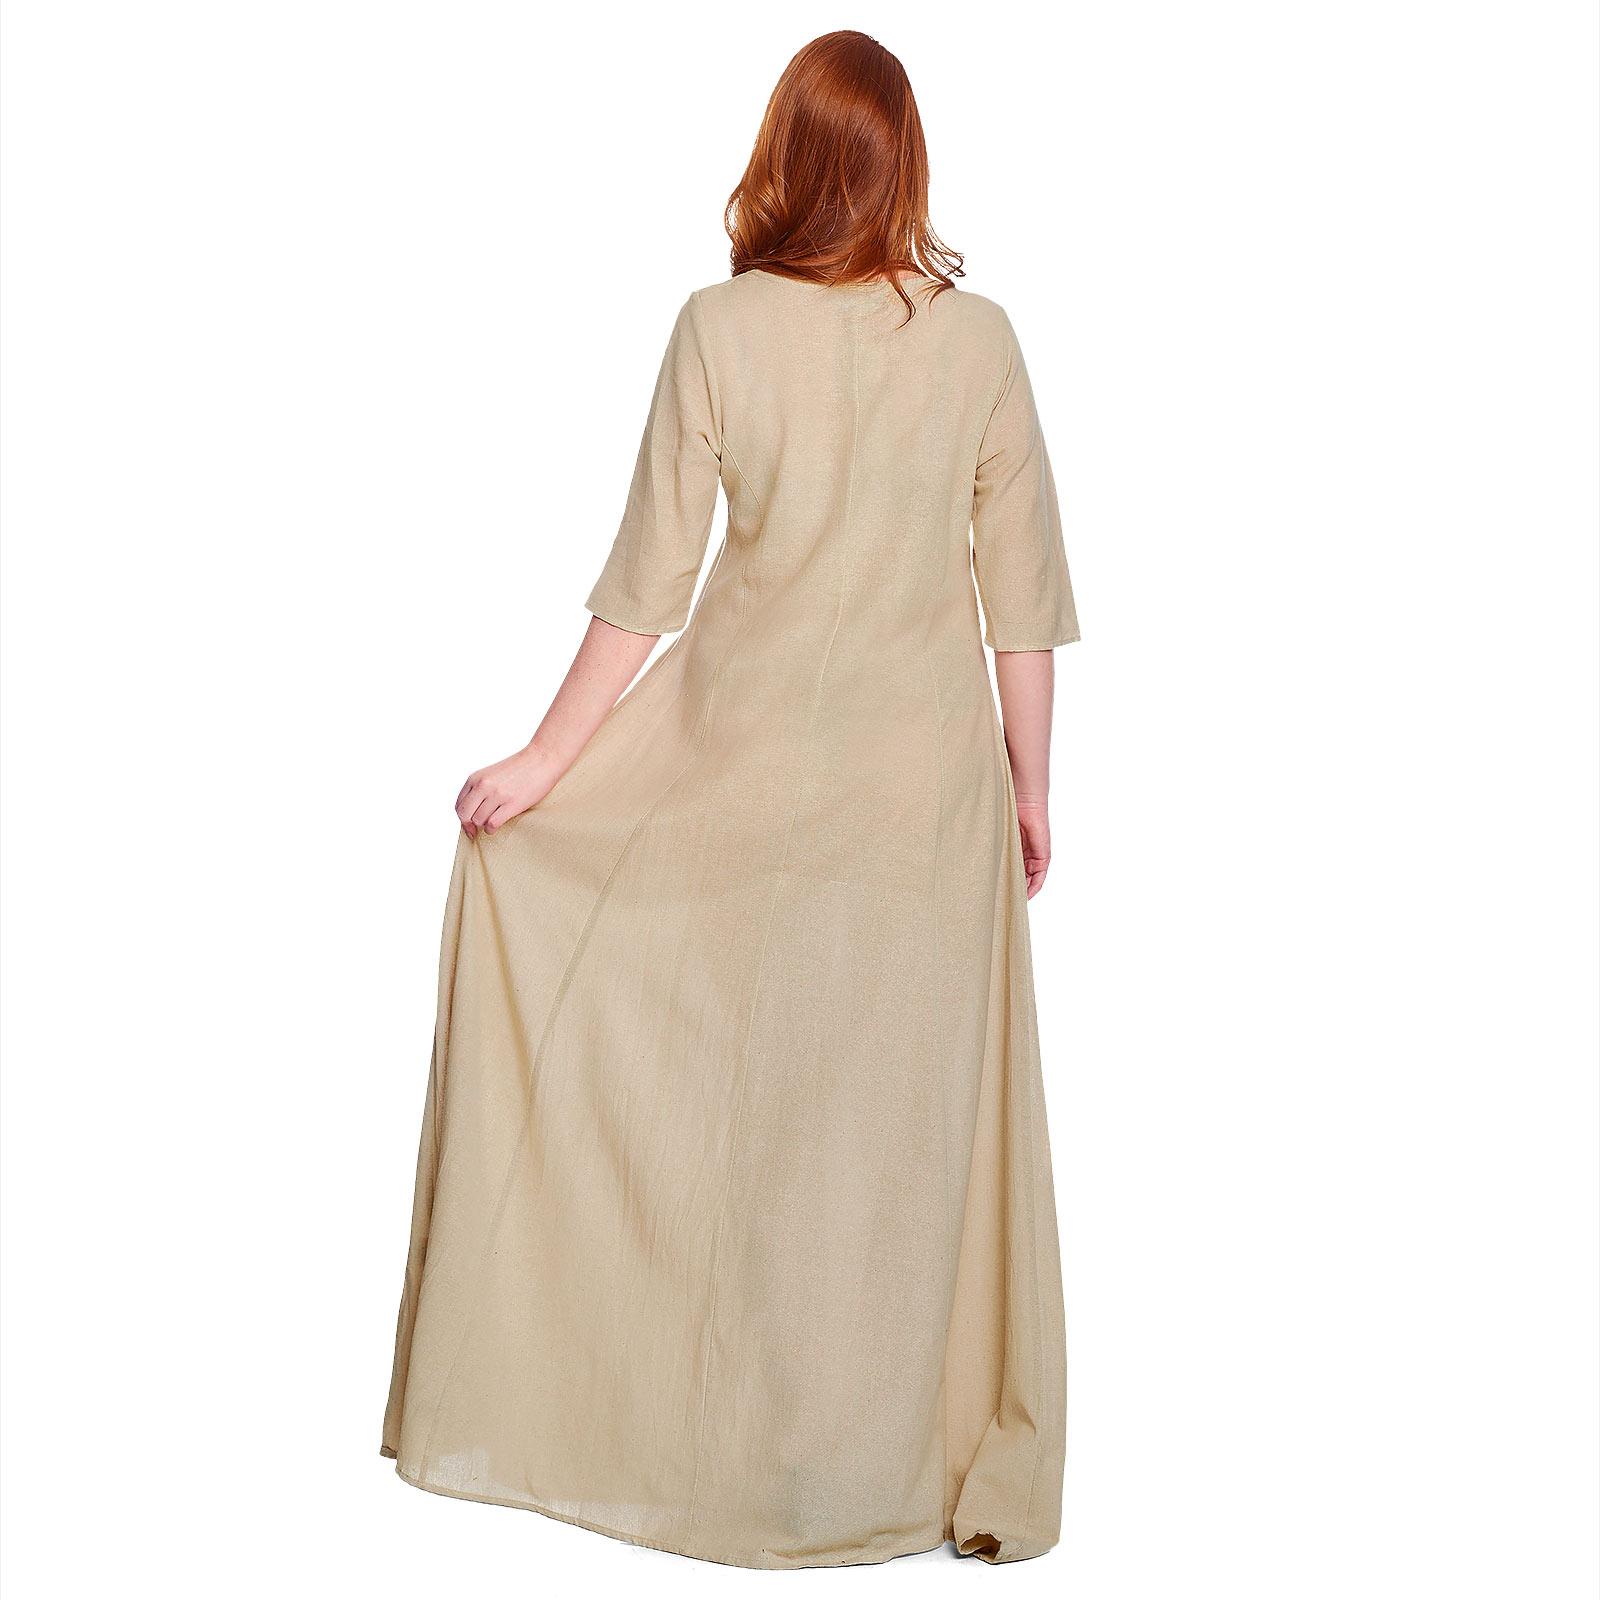 Mittelalter Unterkleid Silja beige